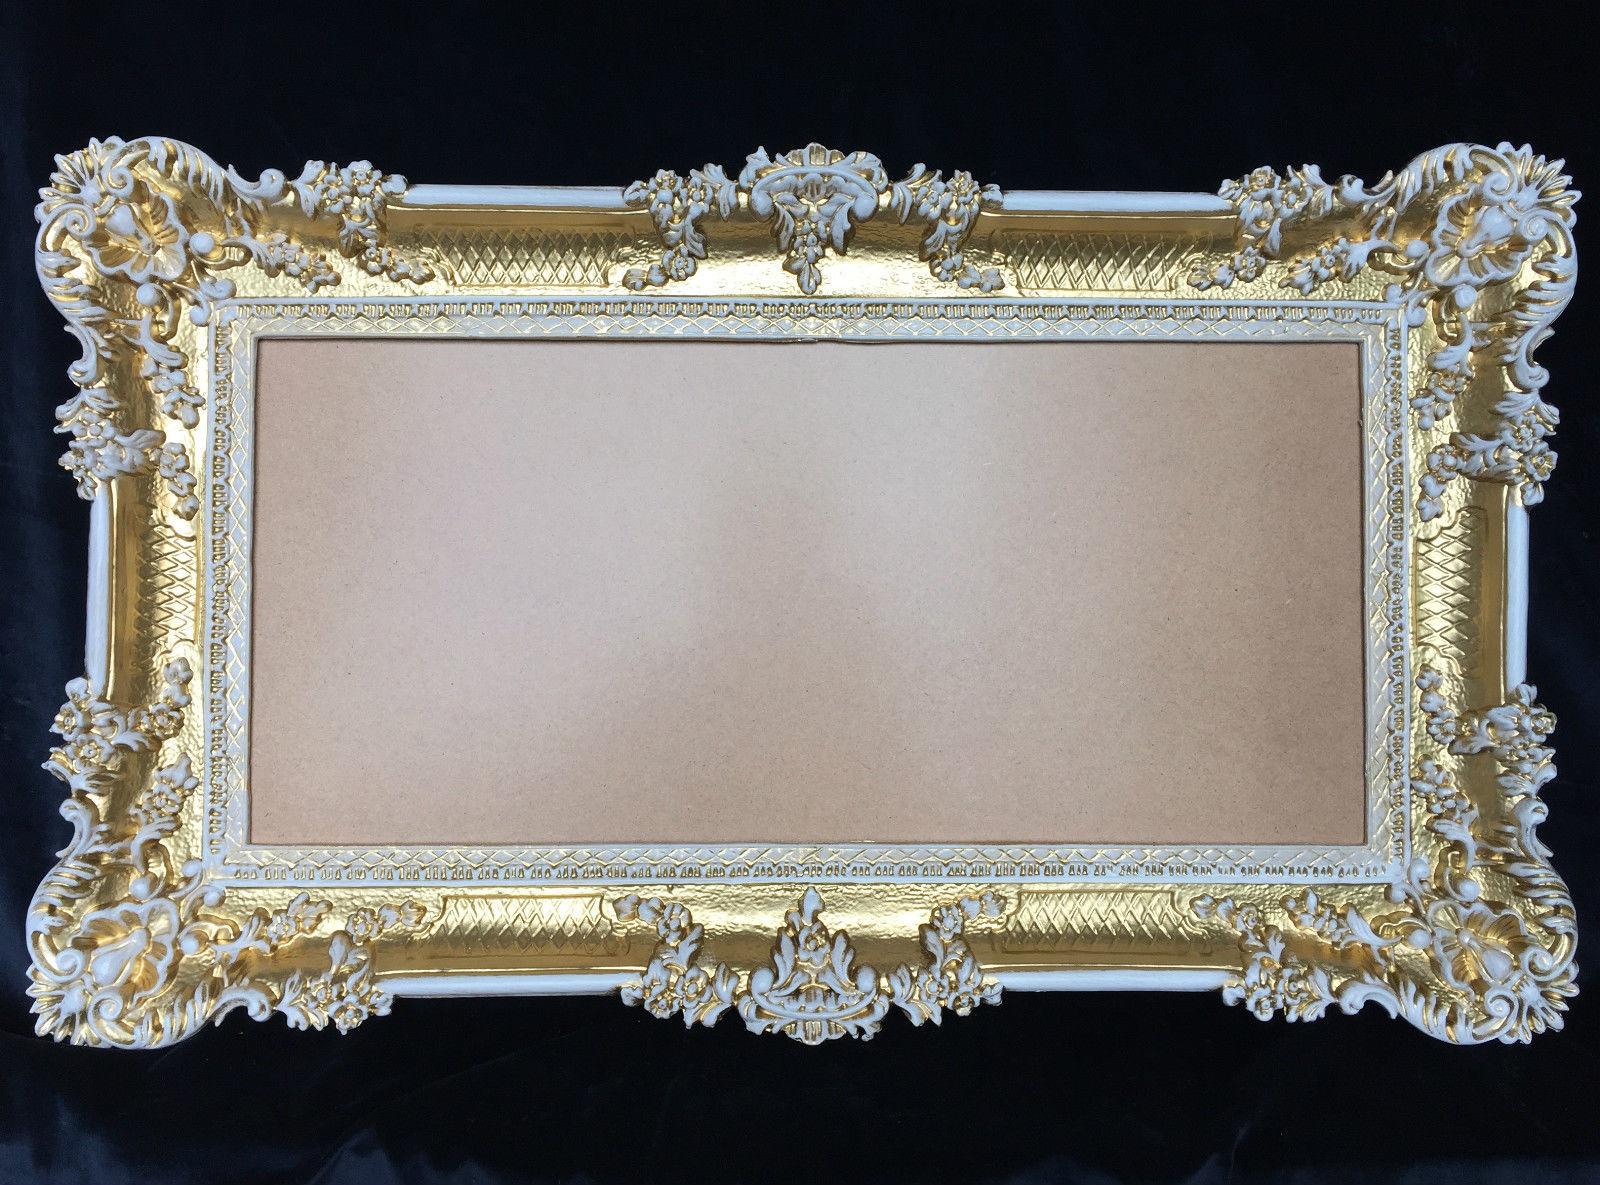 Bilderrahmen Barock Gold-Weiß Hochzeitsrahmen 96x57 Bilderrahmen ...